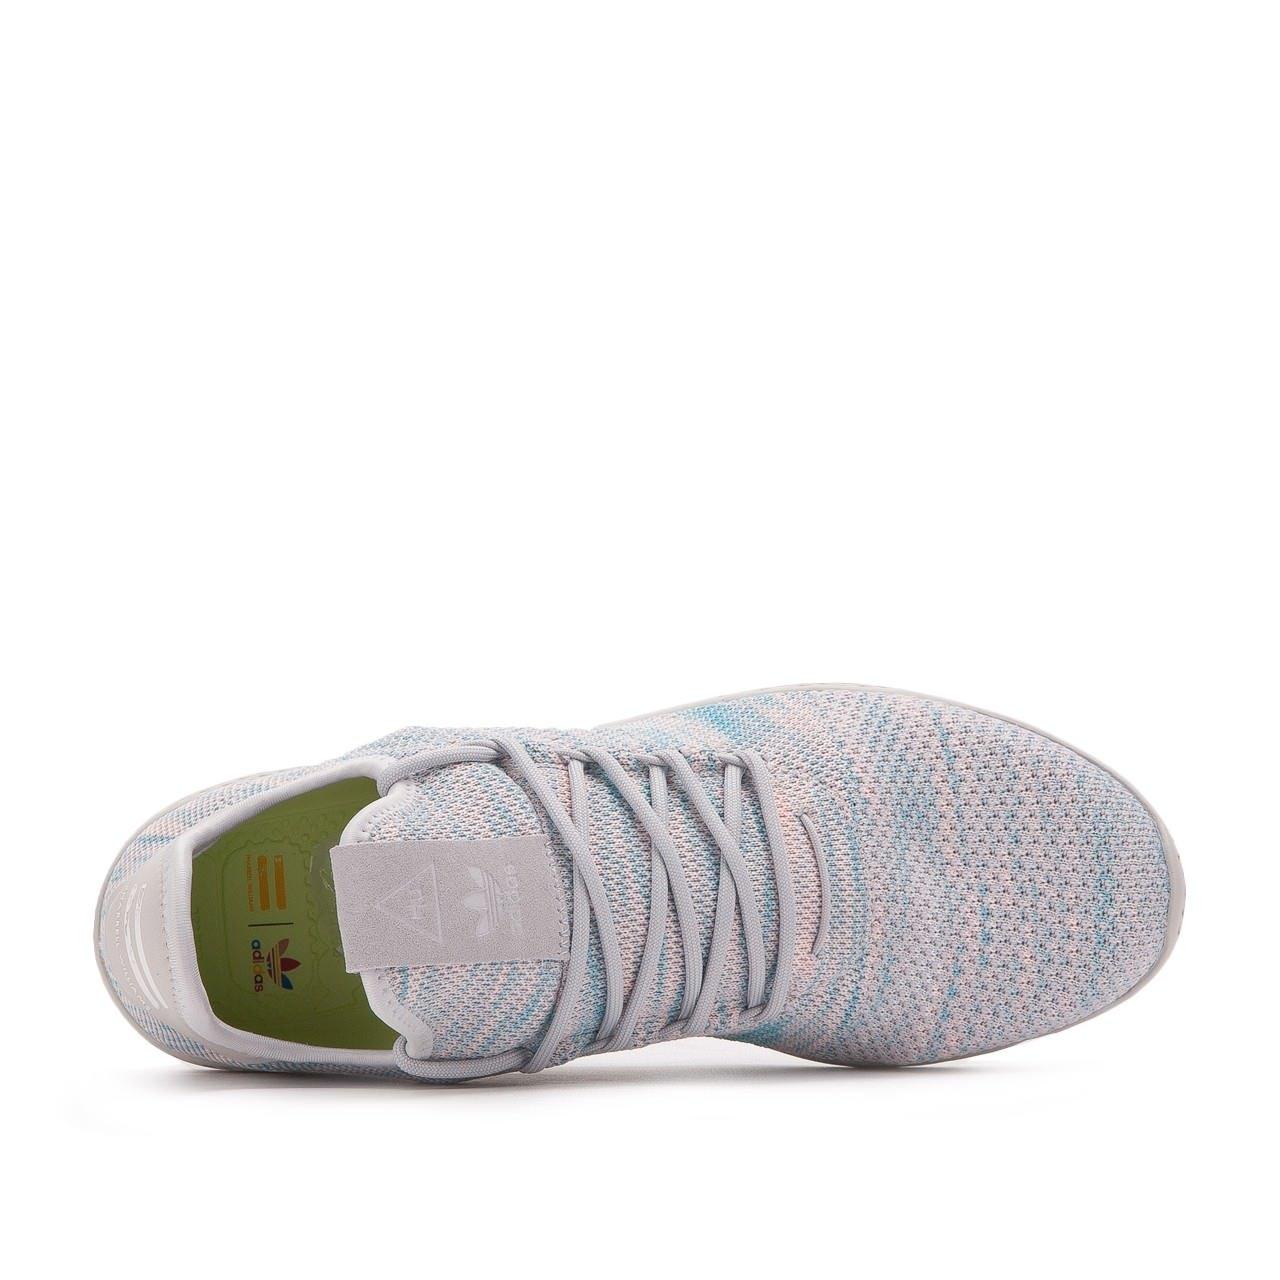 Zapatillas Zapatillas de deporte con Pw 19796 con adidas de Pw Tennis Hu de B0763RLRPR 3e5f32a - rogvitaminer.website